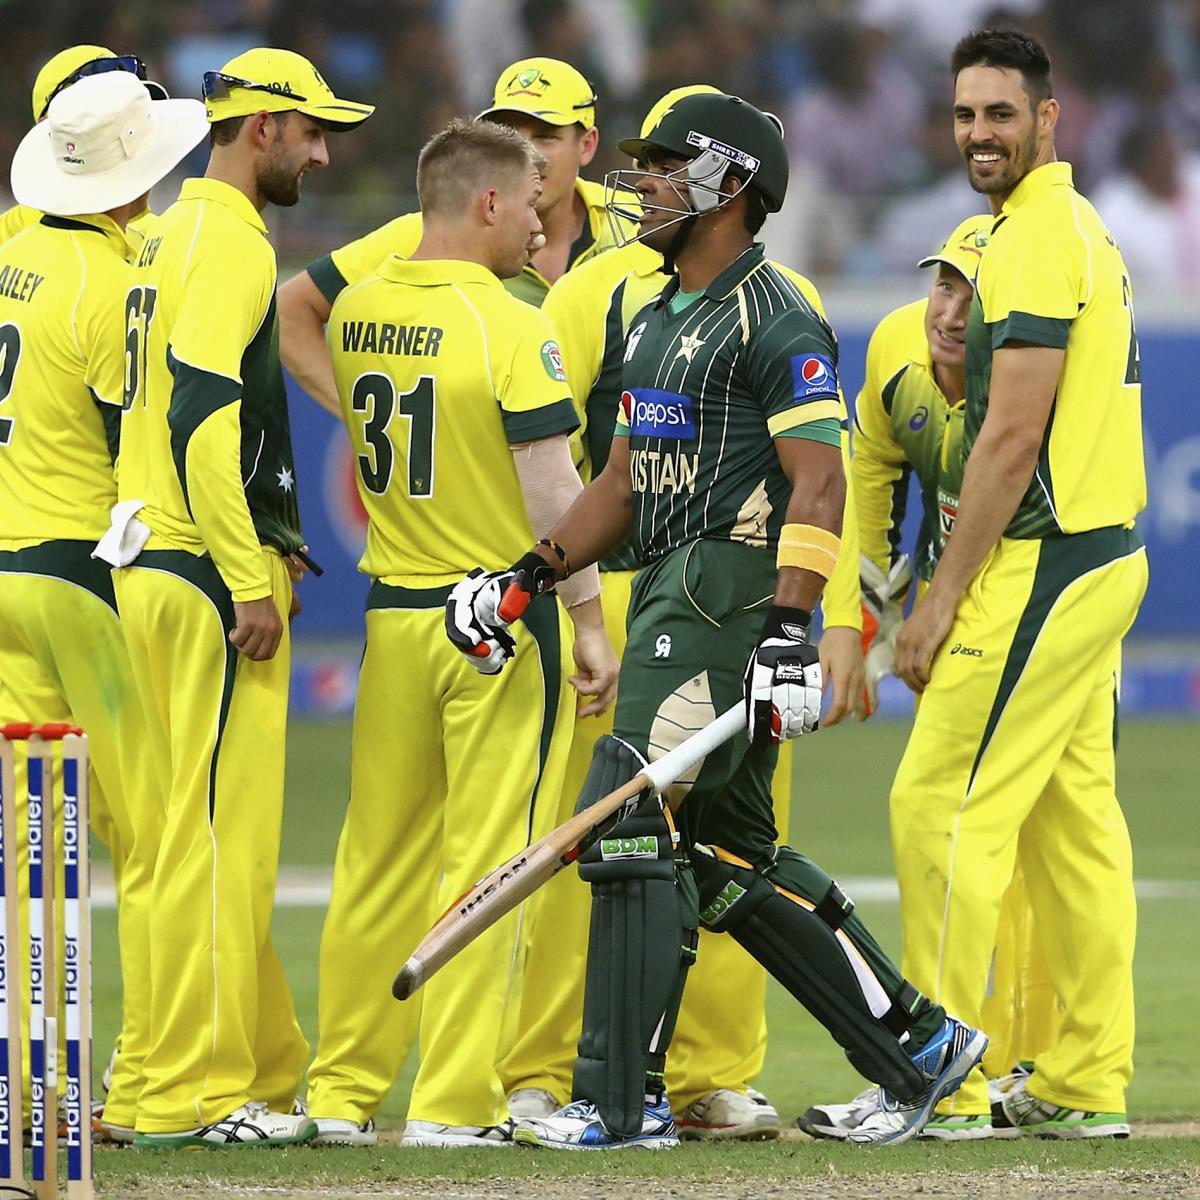 Pakistan Vs. Australia, 3rd ODI: Date, Live Stream, TV